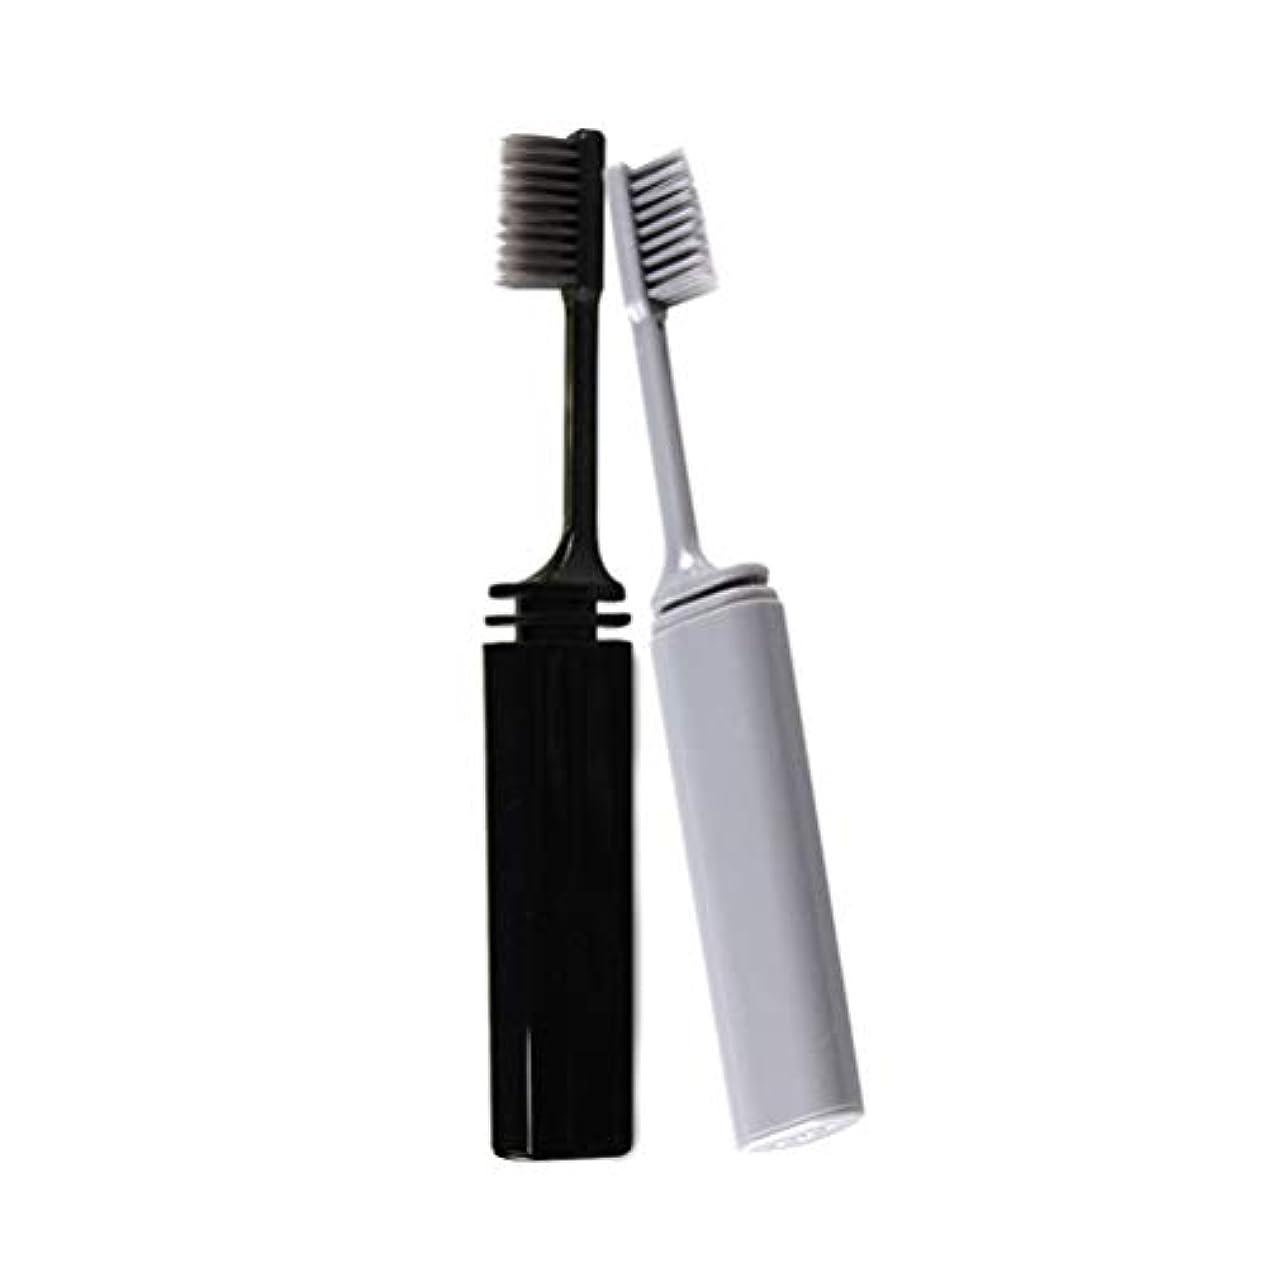 ハウス少なくとも薄いSUPVOX 2本旅行歯ブラシポータブル折りたたみ竹炭柔らかい剛毛歯ブラシ(グレーブラック)